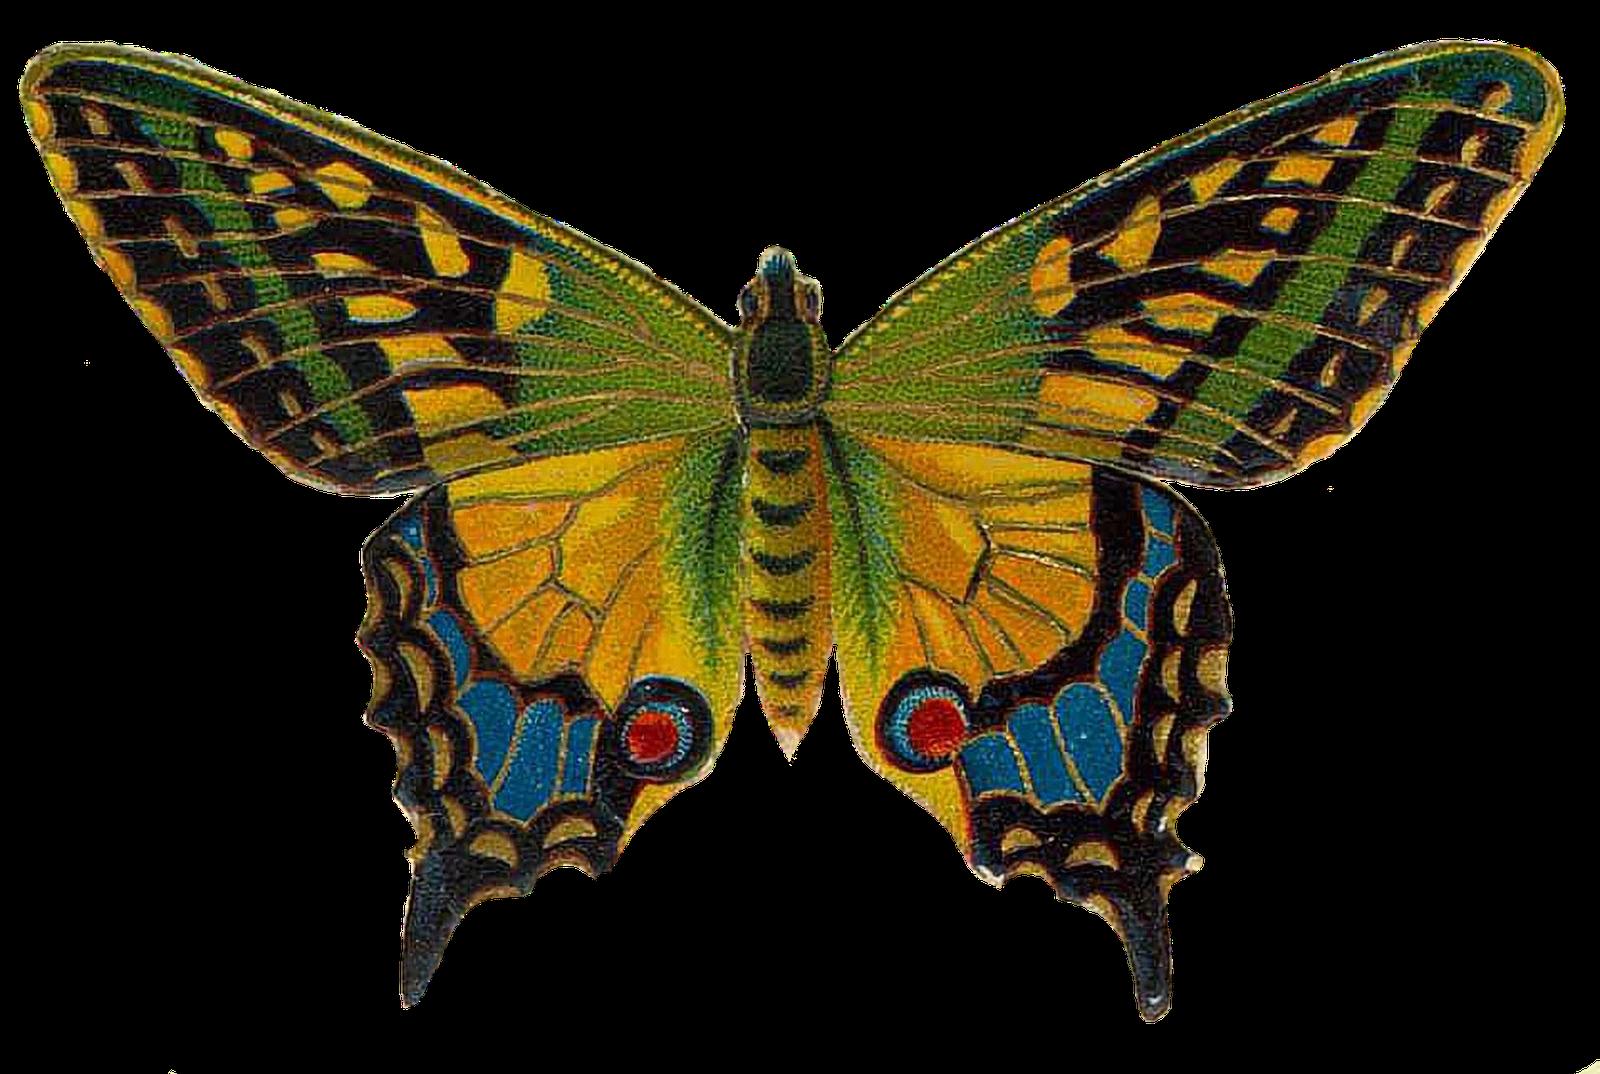 Butterfly Wallpaper Hd Image